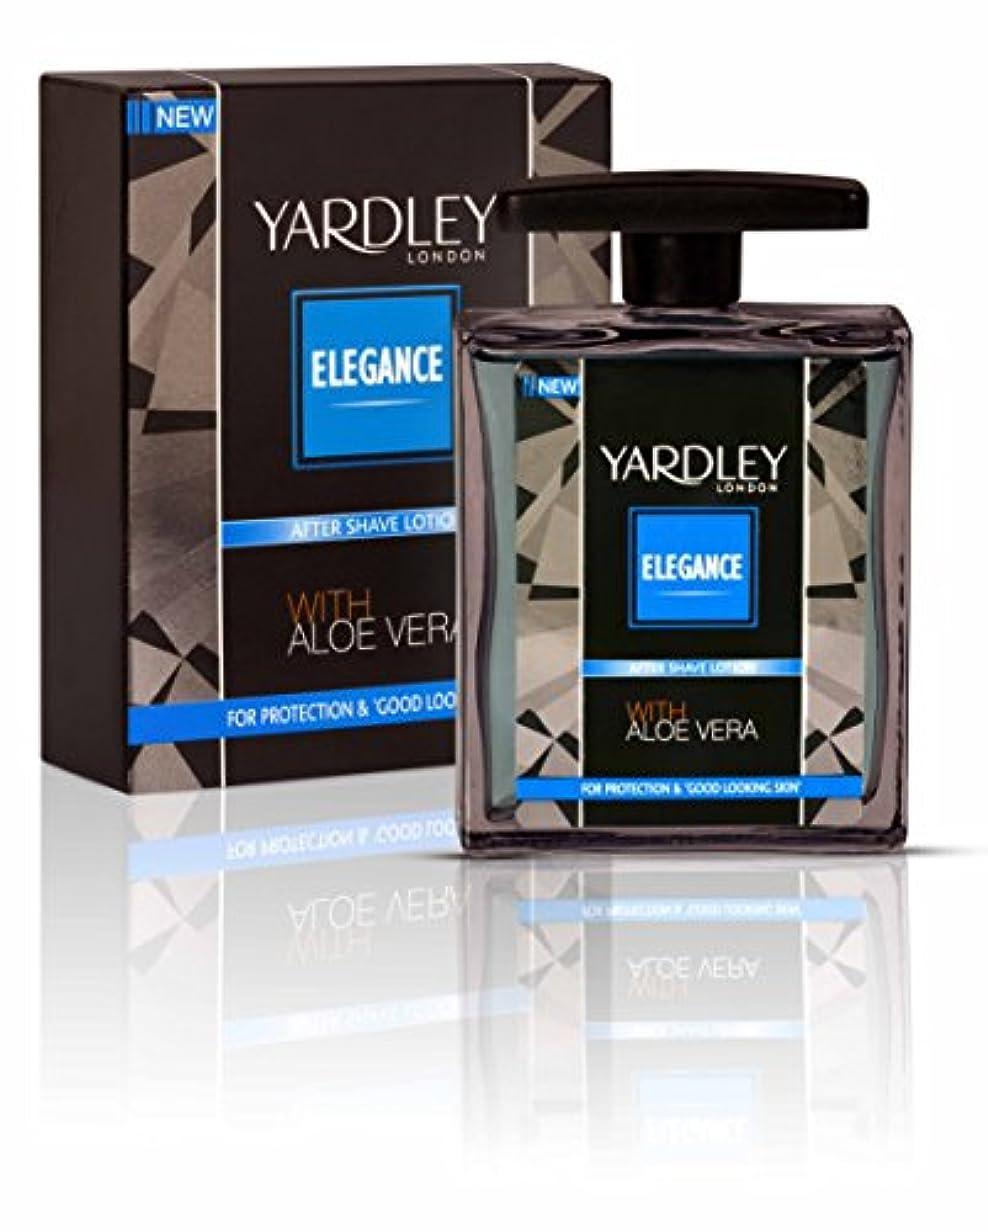 ヘリコプター認知サイドボードYardley London After Shave Lotion Elegance 100ml by Yardley